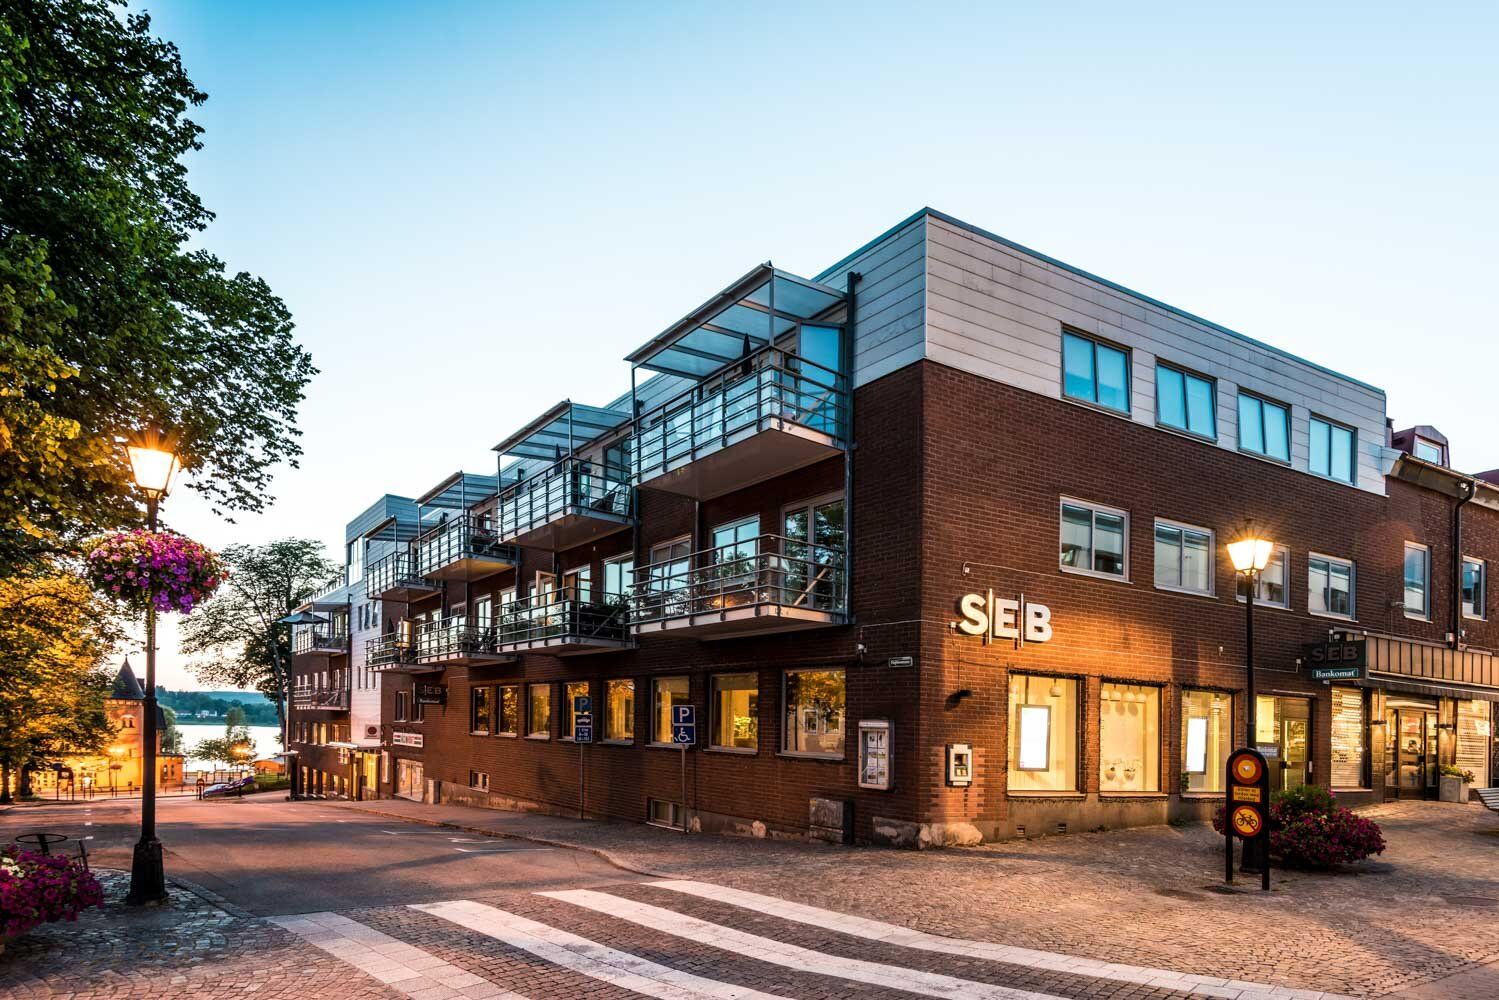 Ulricehamn - Storg.9, Järnvägstorget 4.jpg